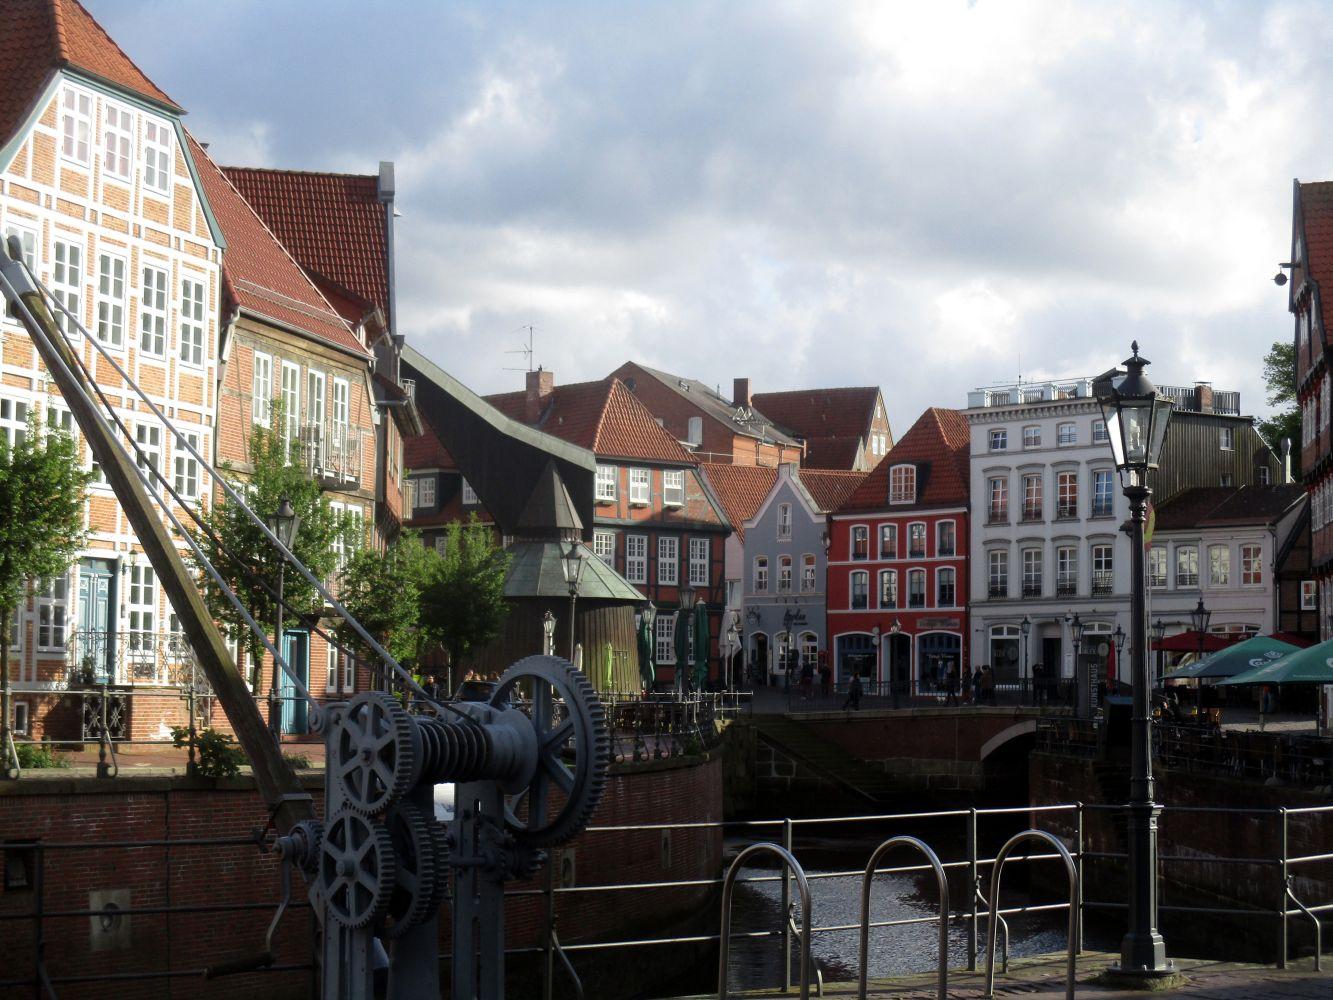 Ein Panorma mit vielen Bunten alte Häusern. Großteils Fachwerk. Ausserdem sind zwei Kräne zu sehen, die im Vordergrund an einem Hafenbecken stehen.